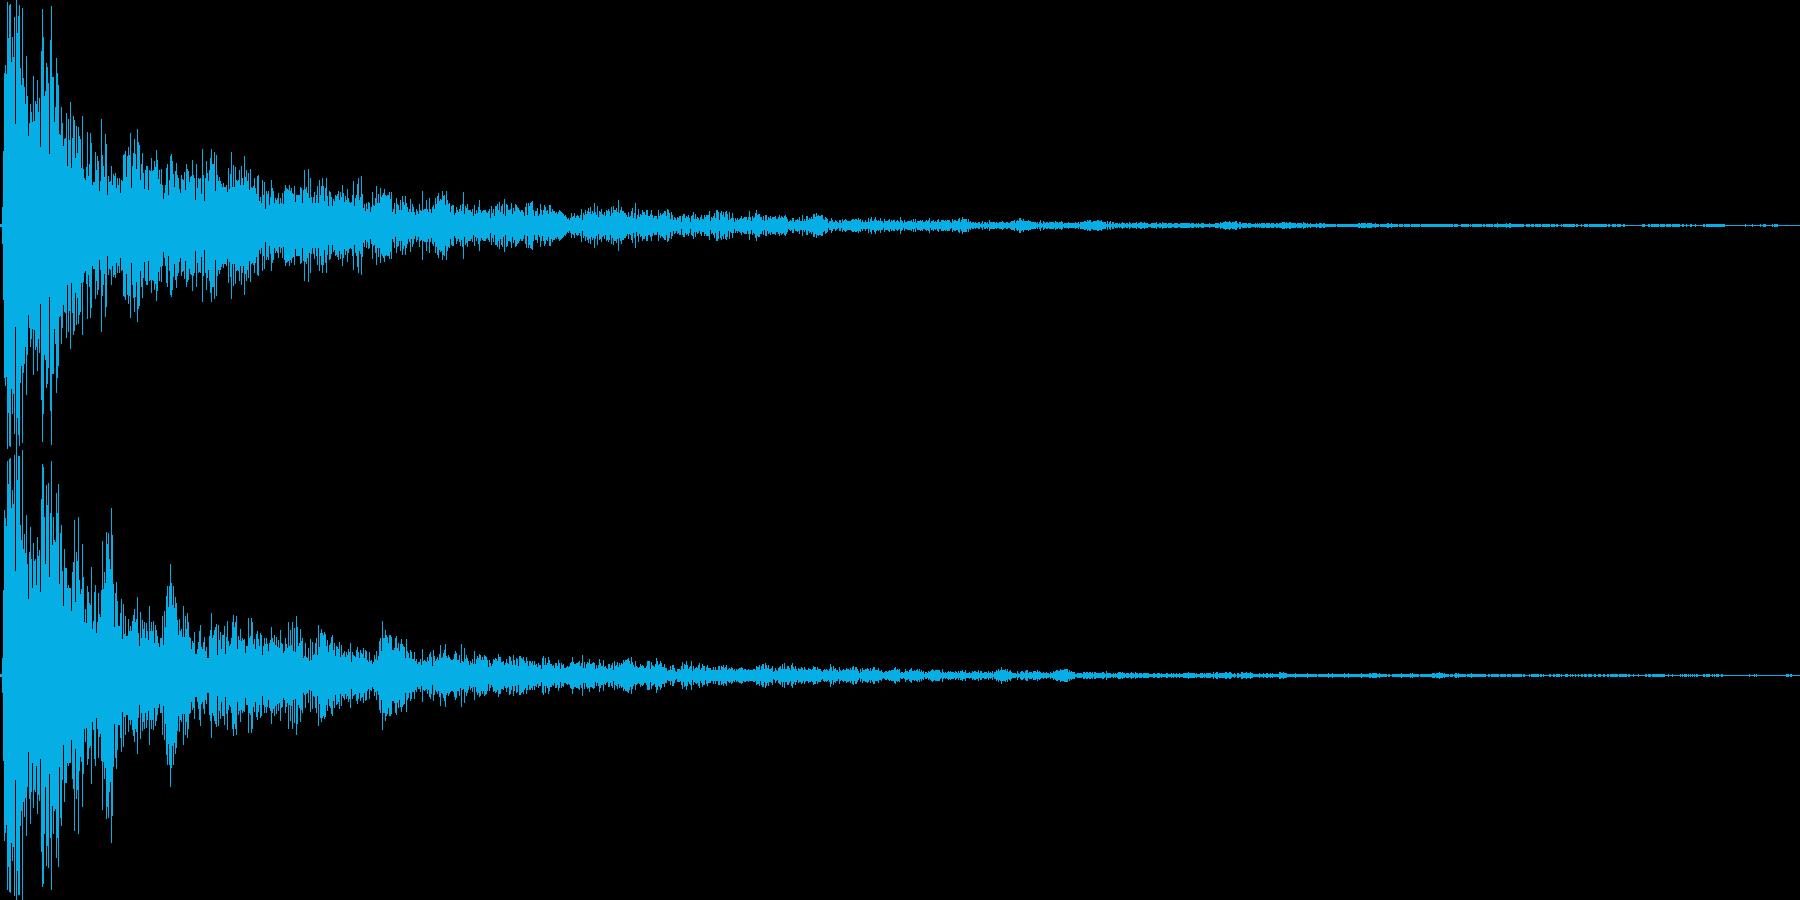 ダァァン。ショック・衝撃を受けた音(高)の再生済みの波形